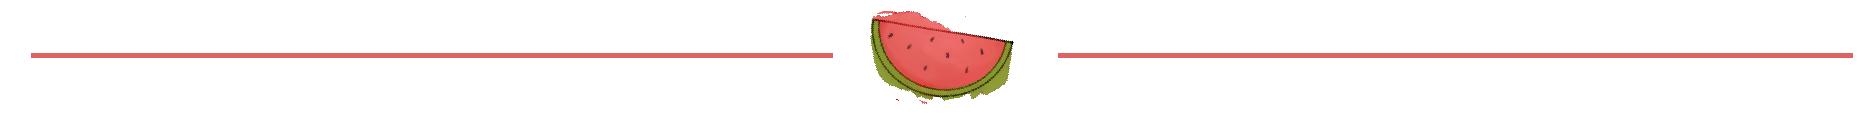 SS - AFC Watermelon Divider v2-01